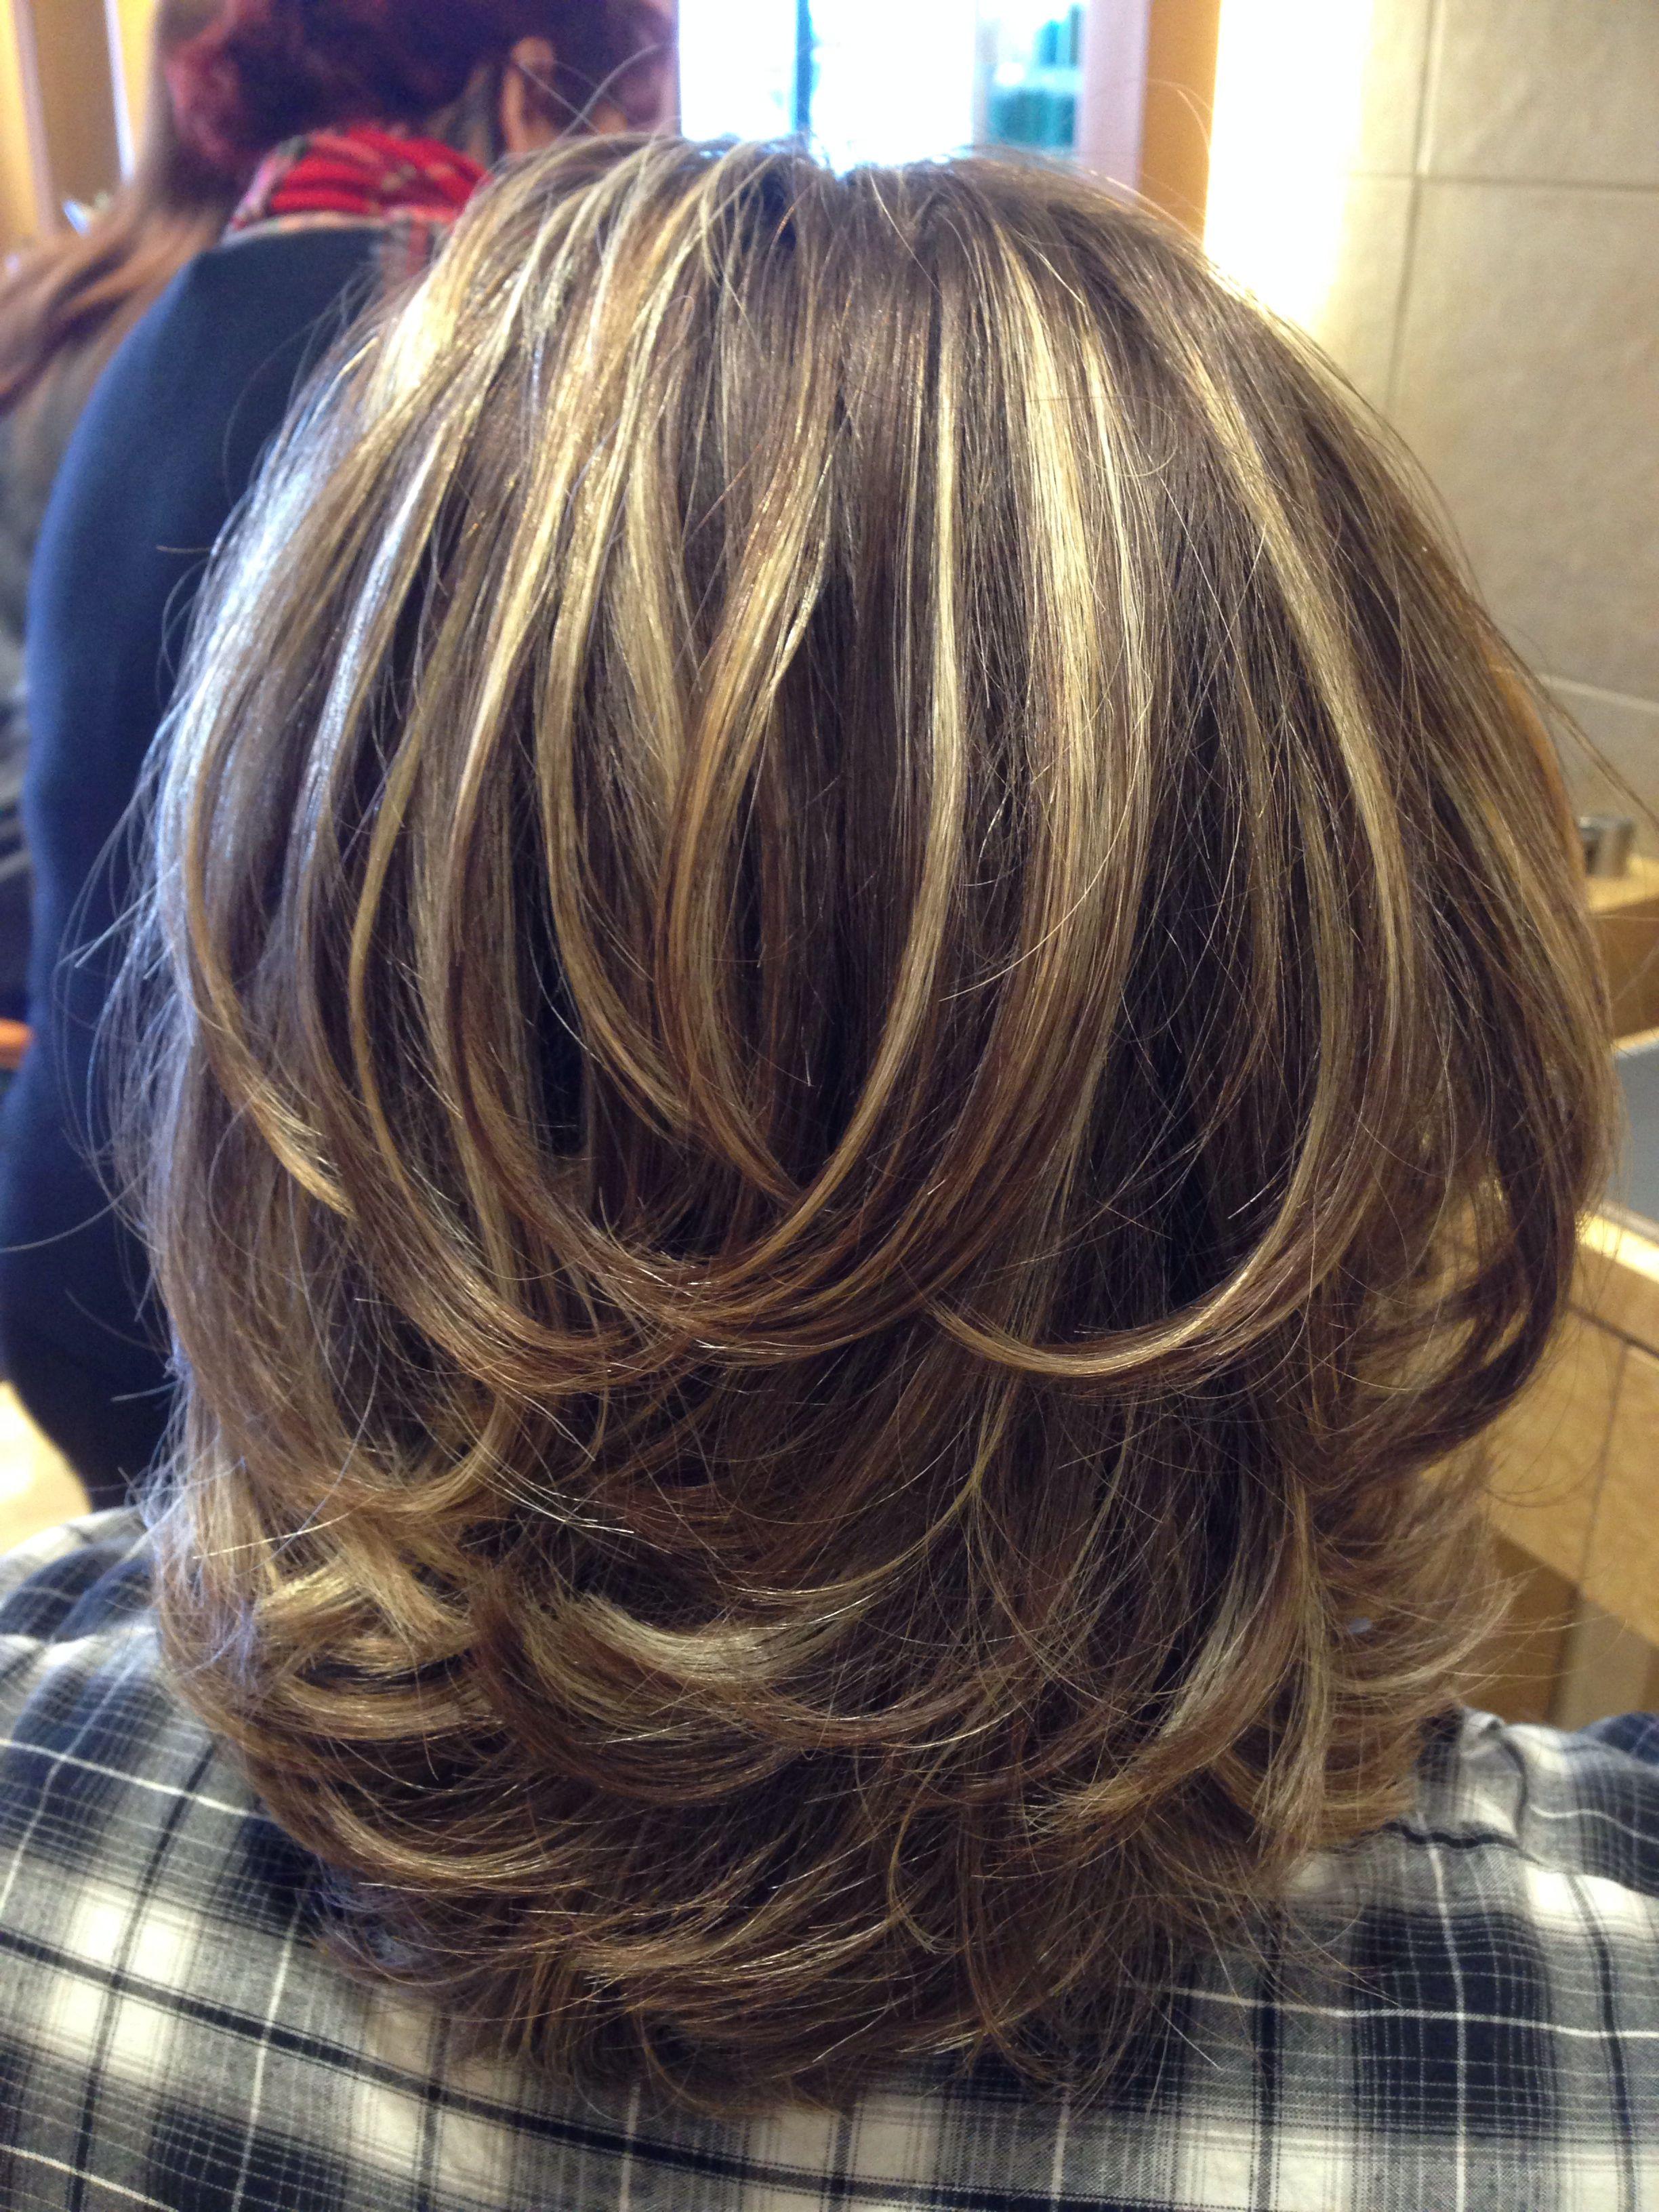 Layered hair cut Hair Pinterest